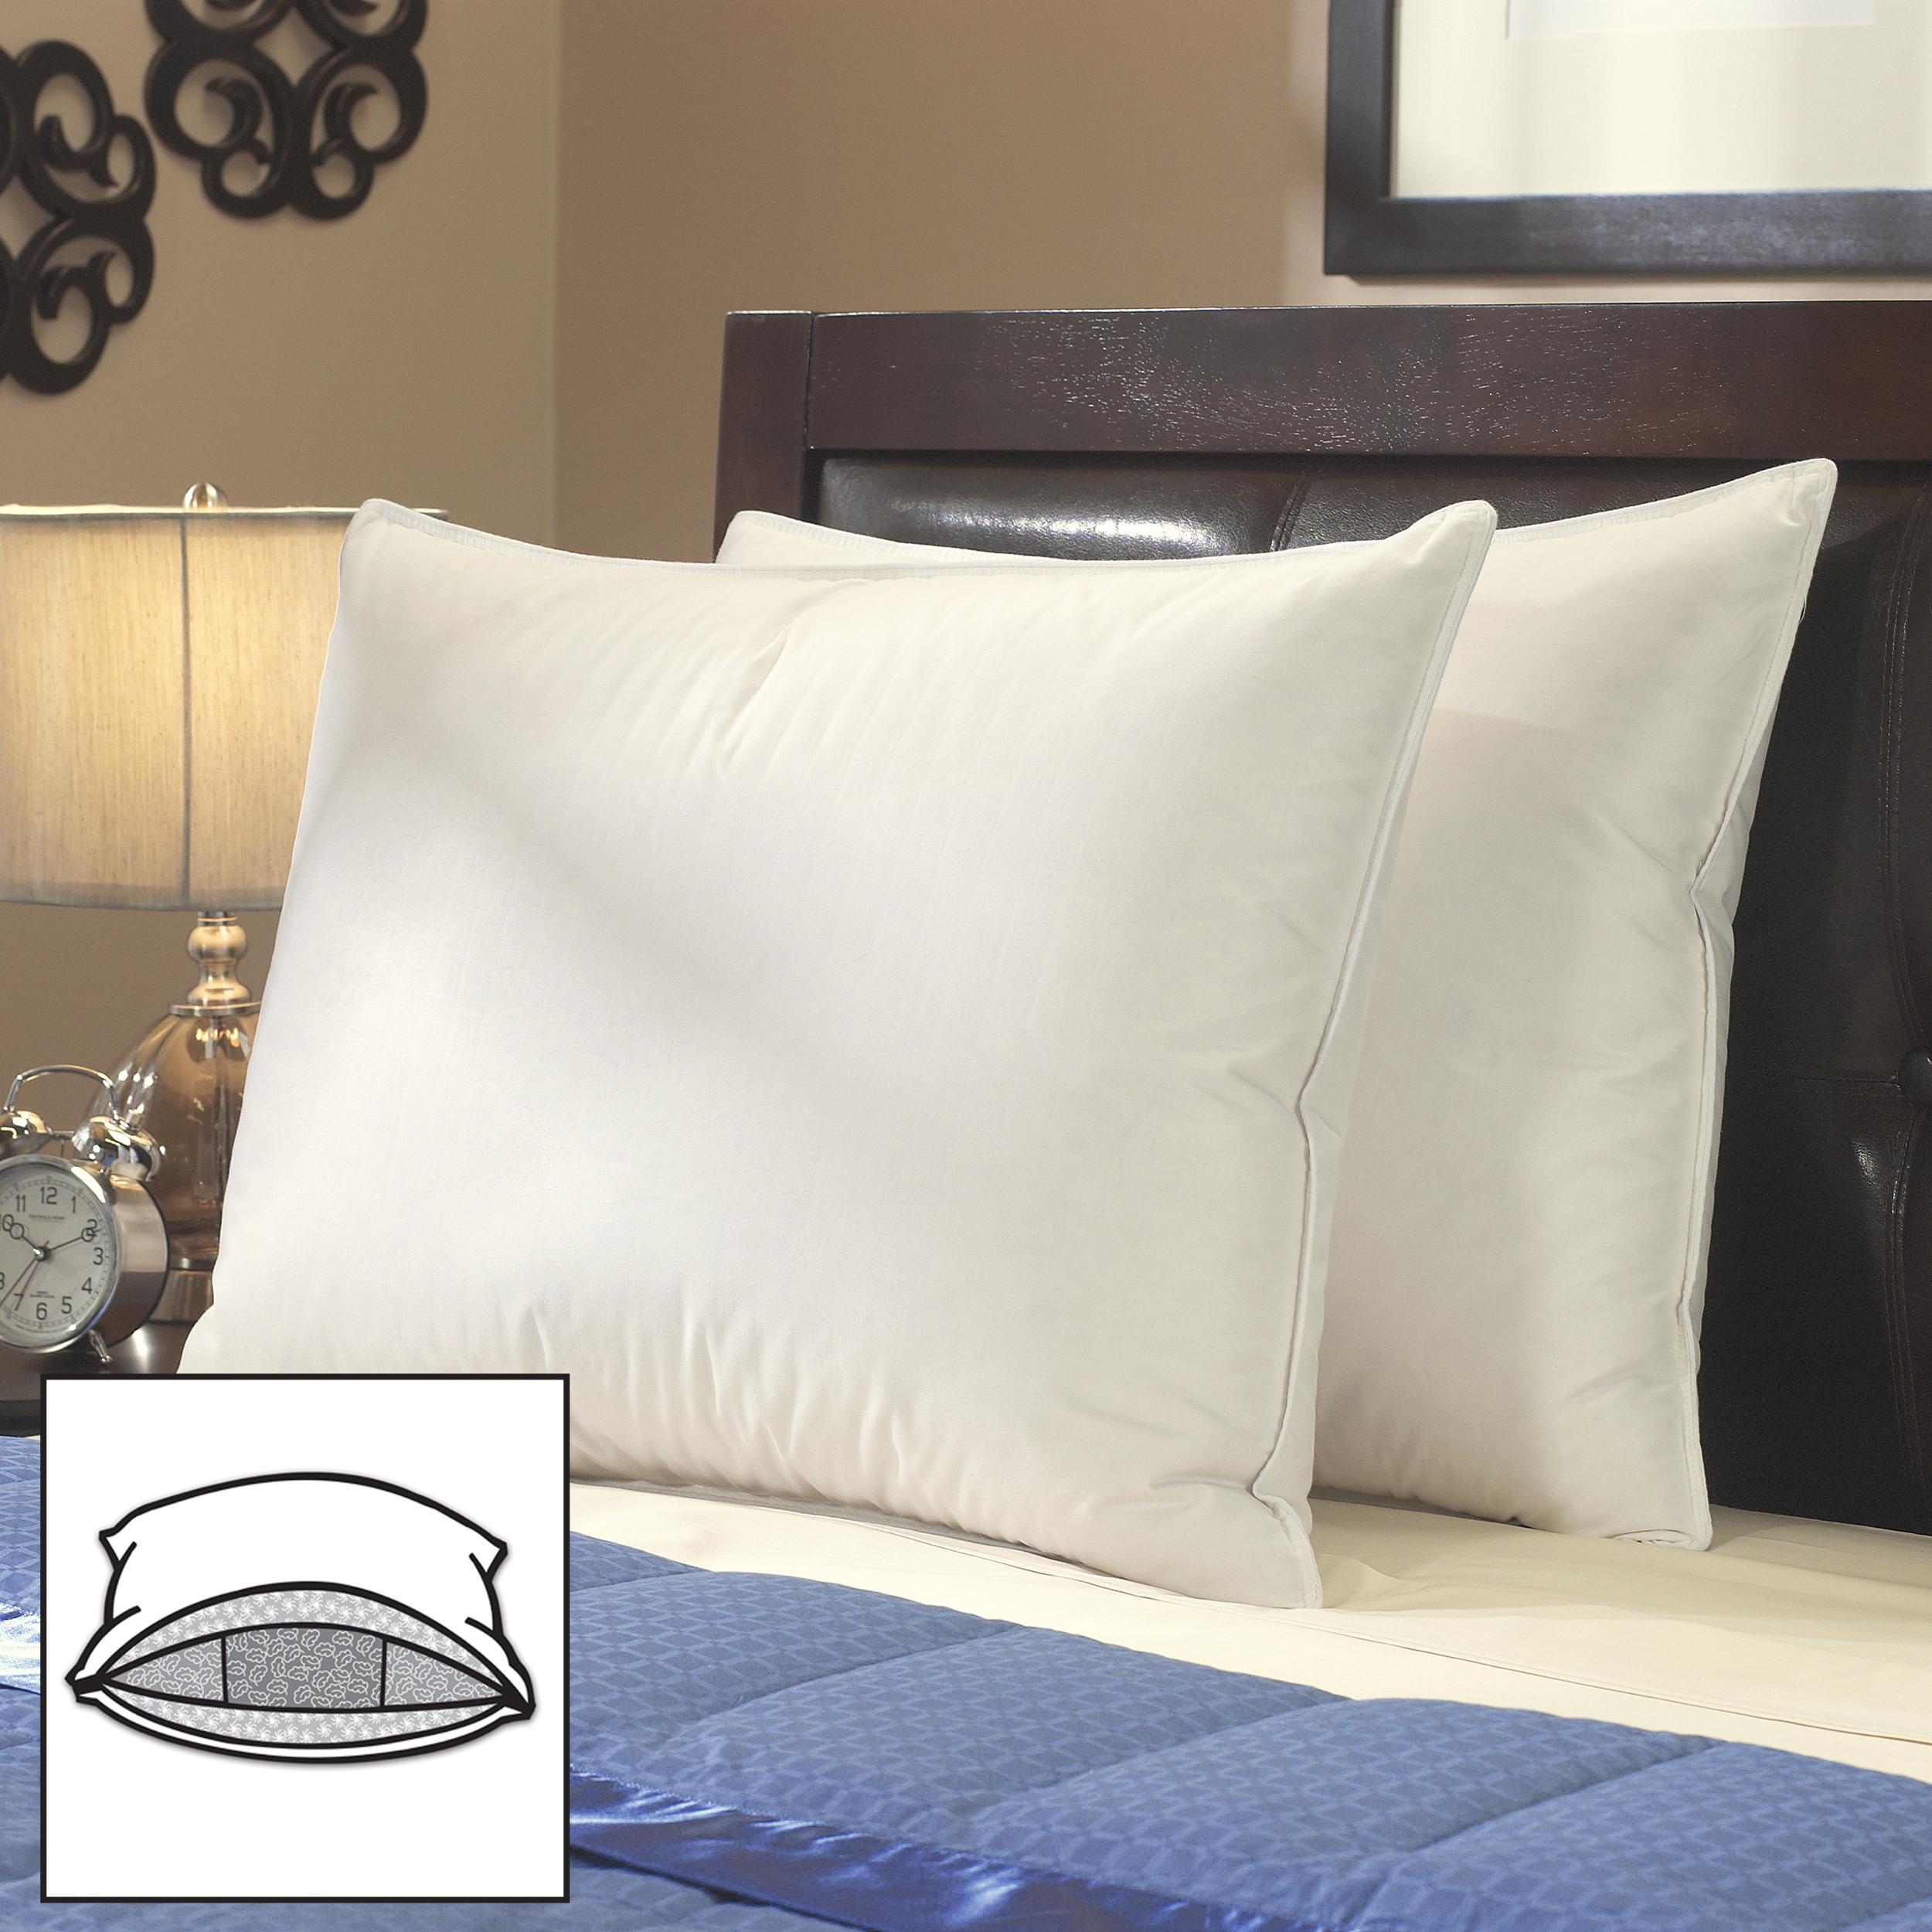 Famous Maker Enhanced High Loft Triple Chamber Down Pillows (Set of 2)